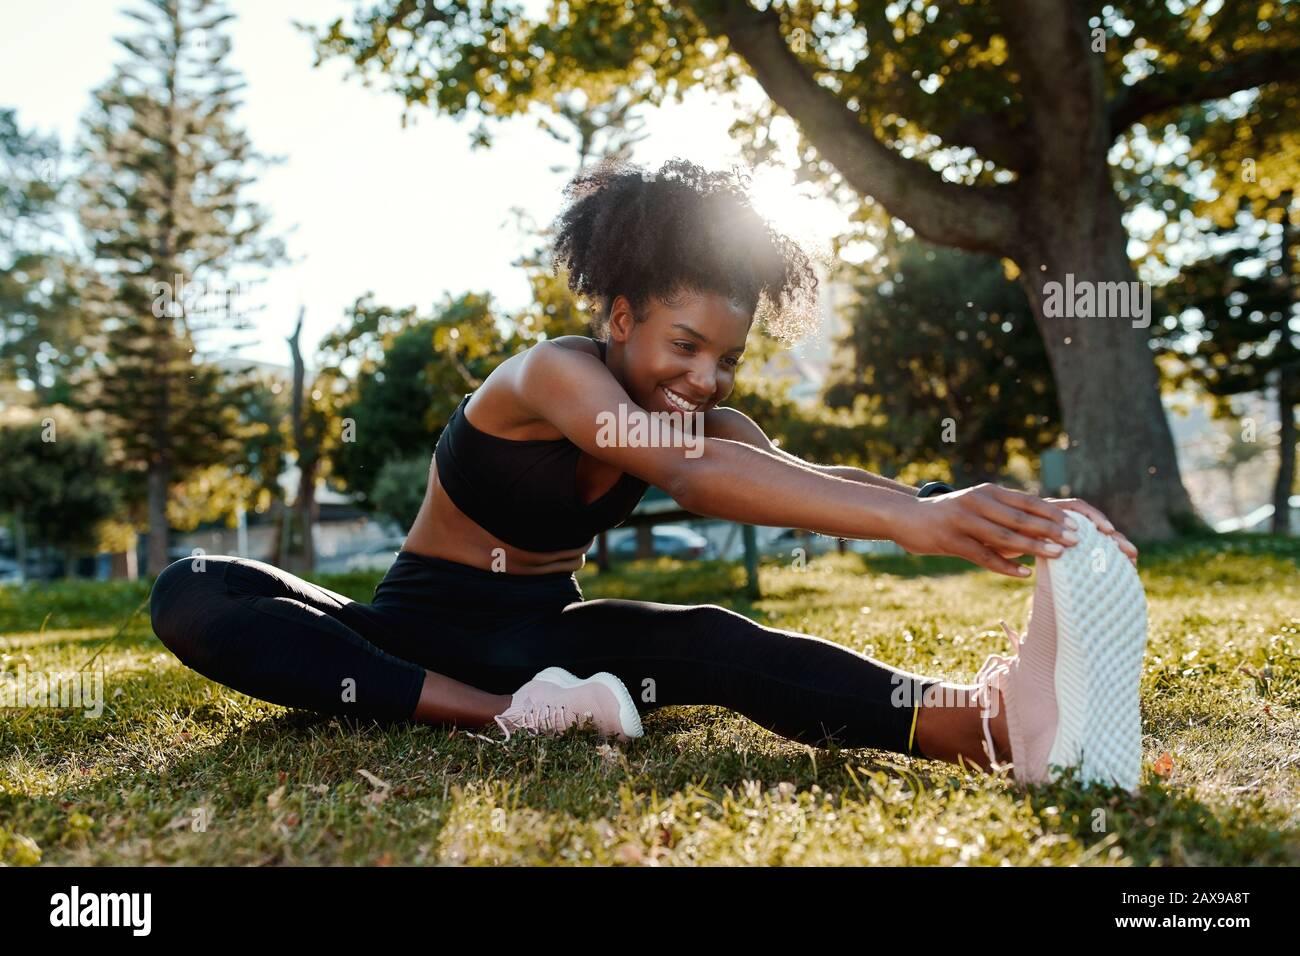 Portrait souriant d'une jeune femme afro-américaine de taille sportive assise sur une pelouse qui s'étire sur ses jambes dans le parc - heureuse jeune femme noire se réchauffe Banque D'Images